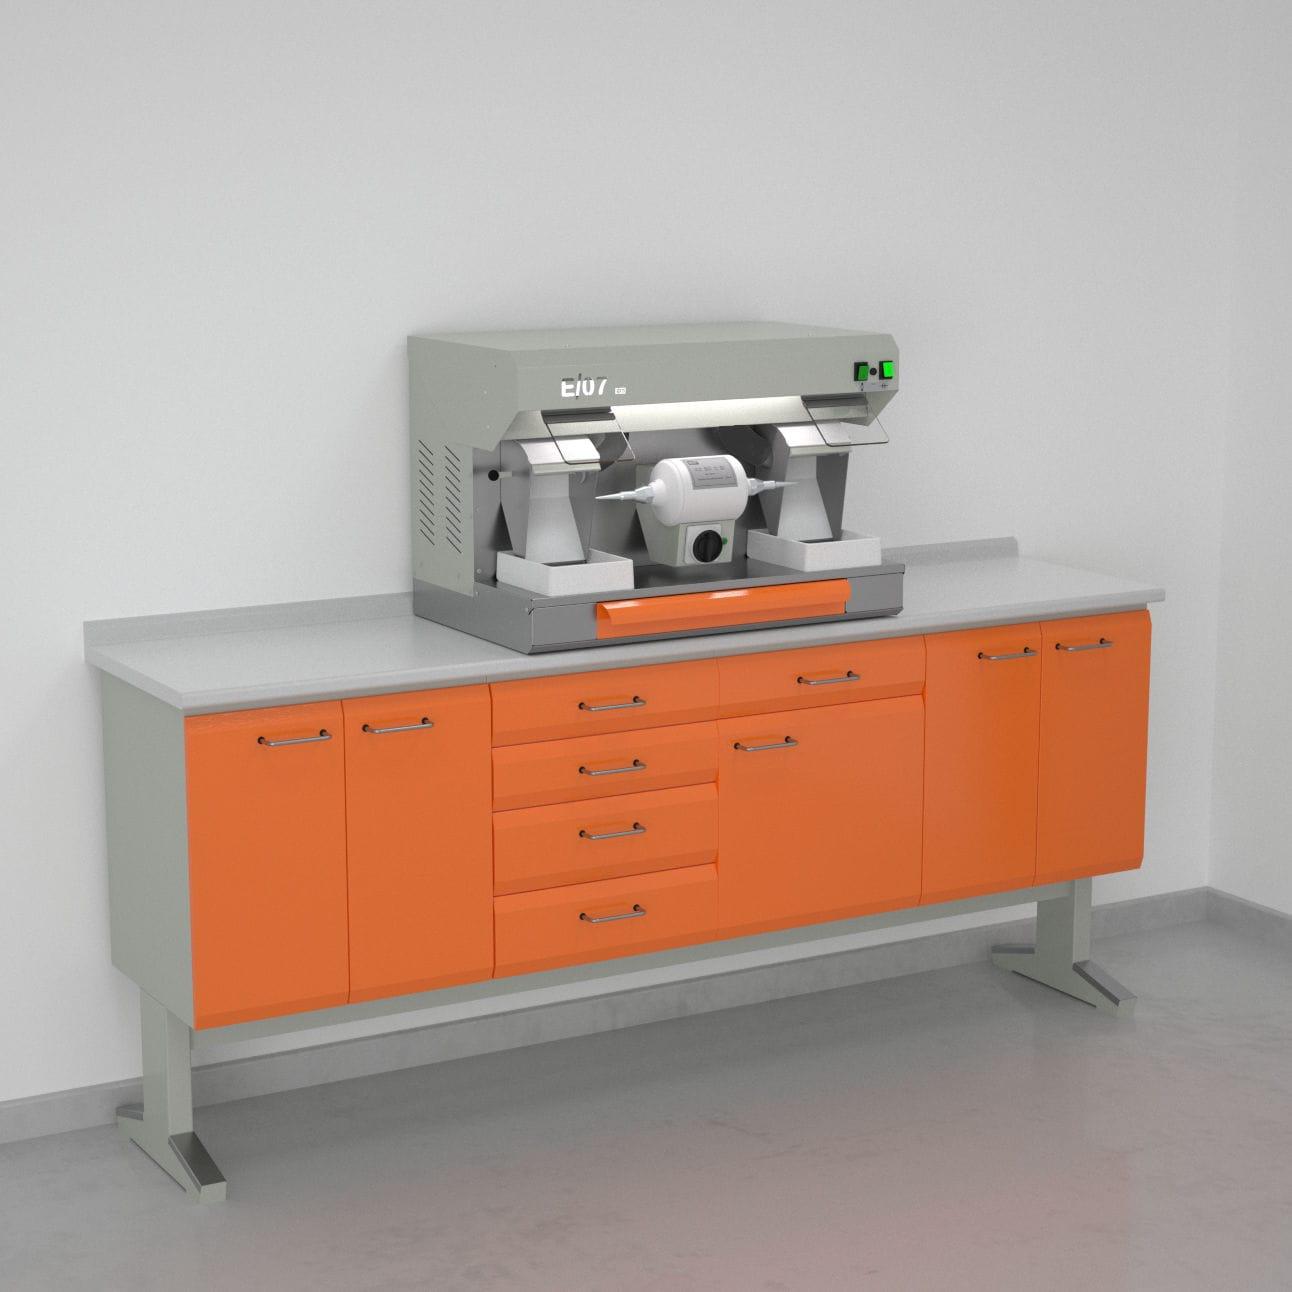 Banchi da lavoro per laboratorio odontotecnico laboratorio